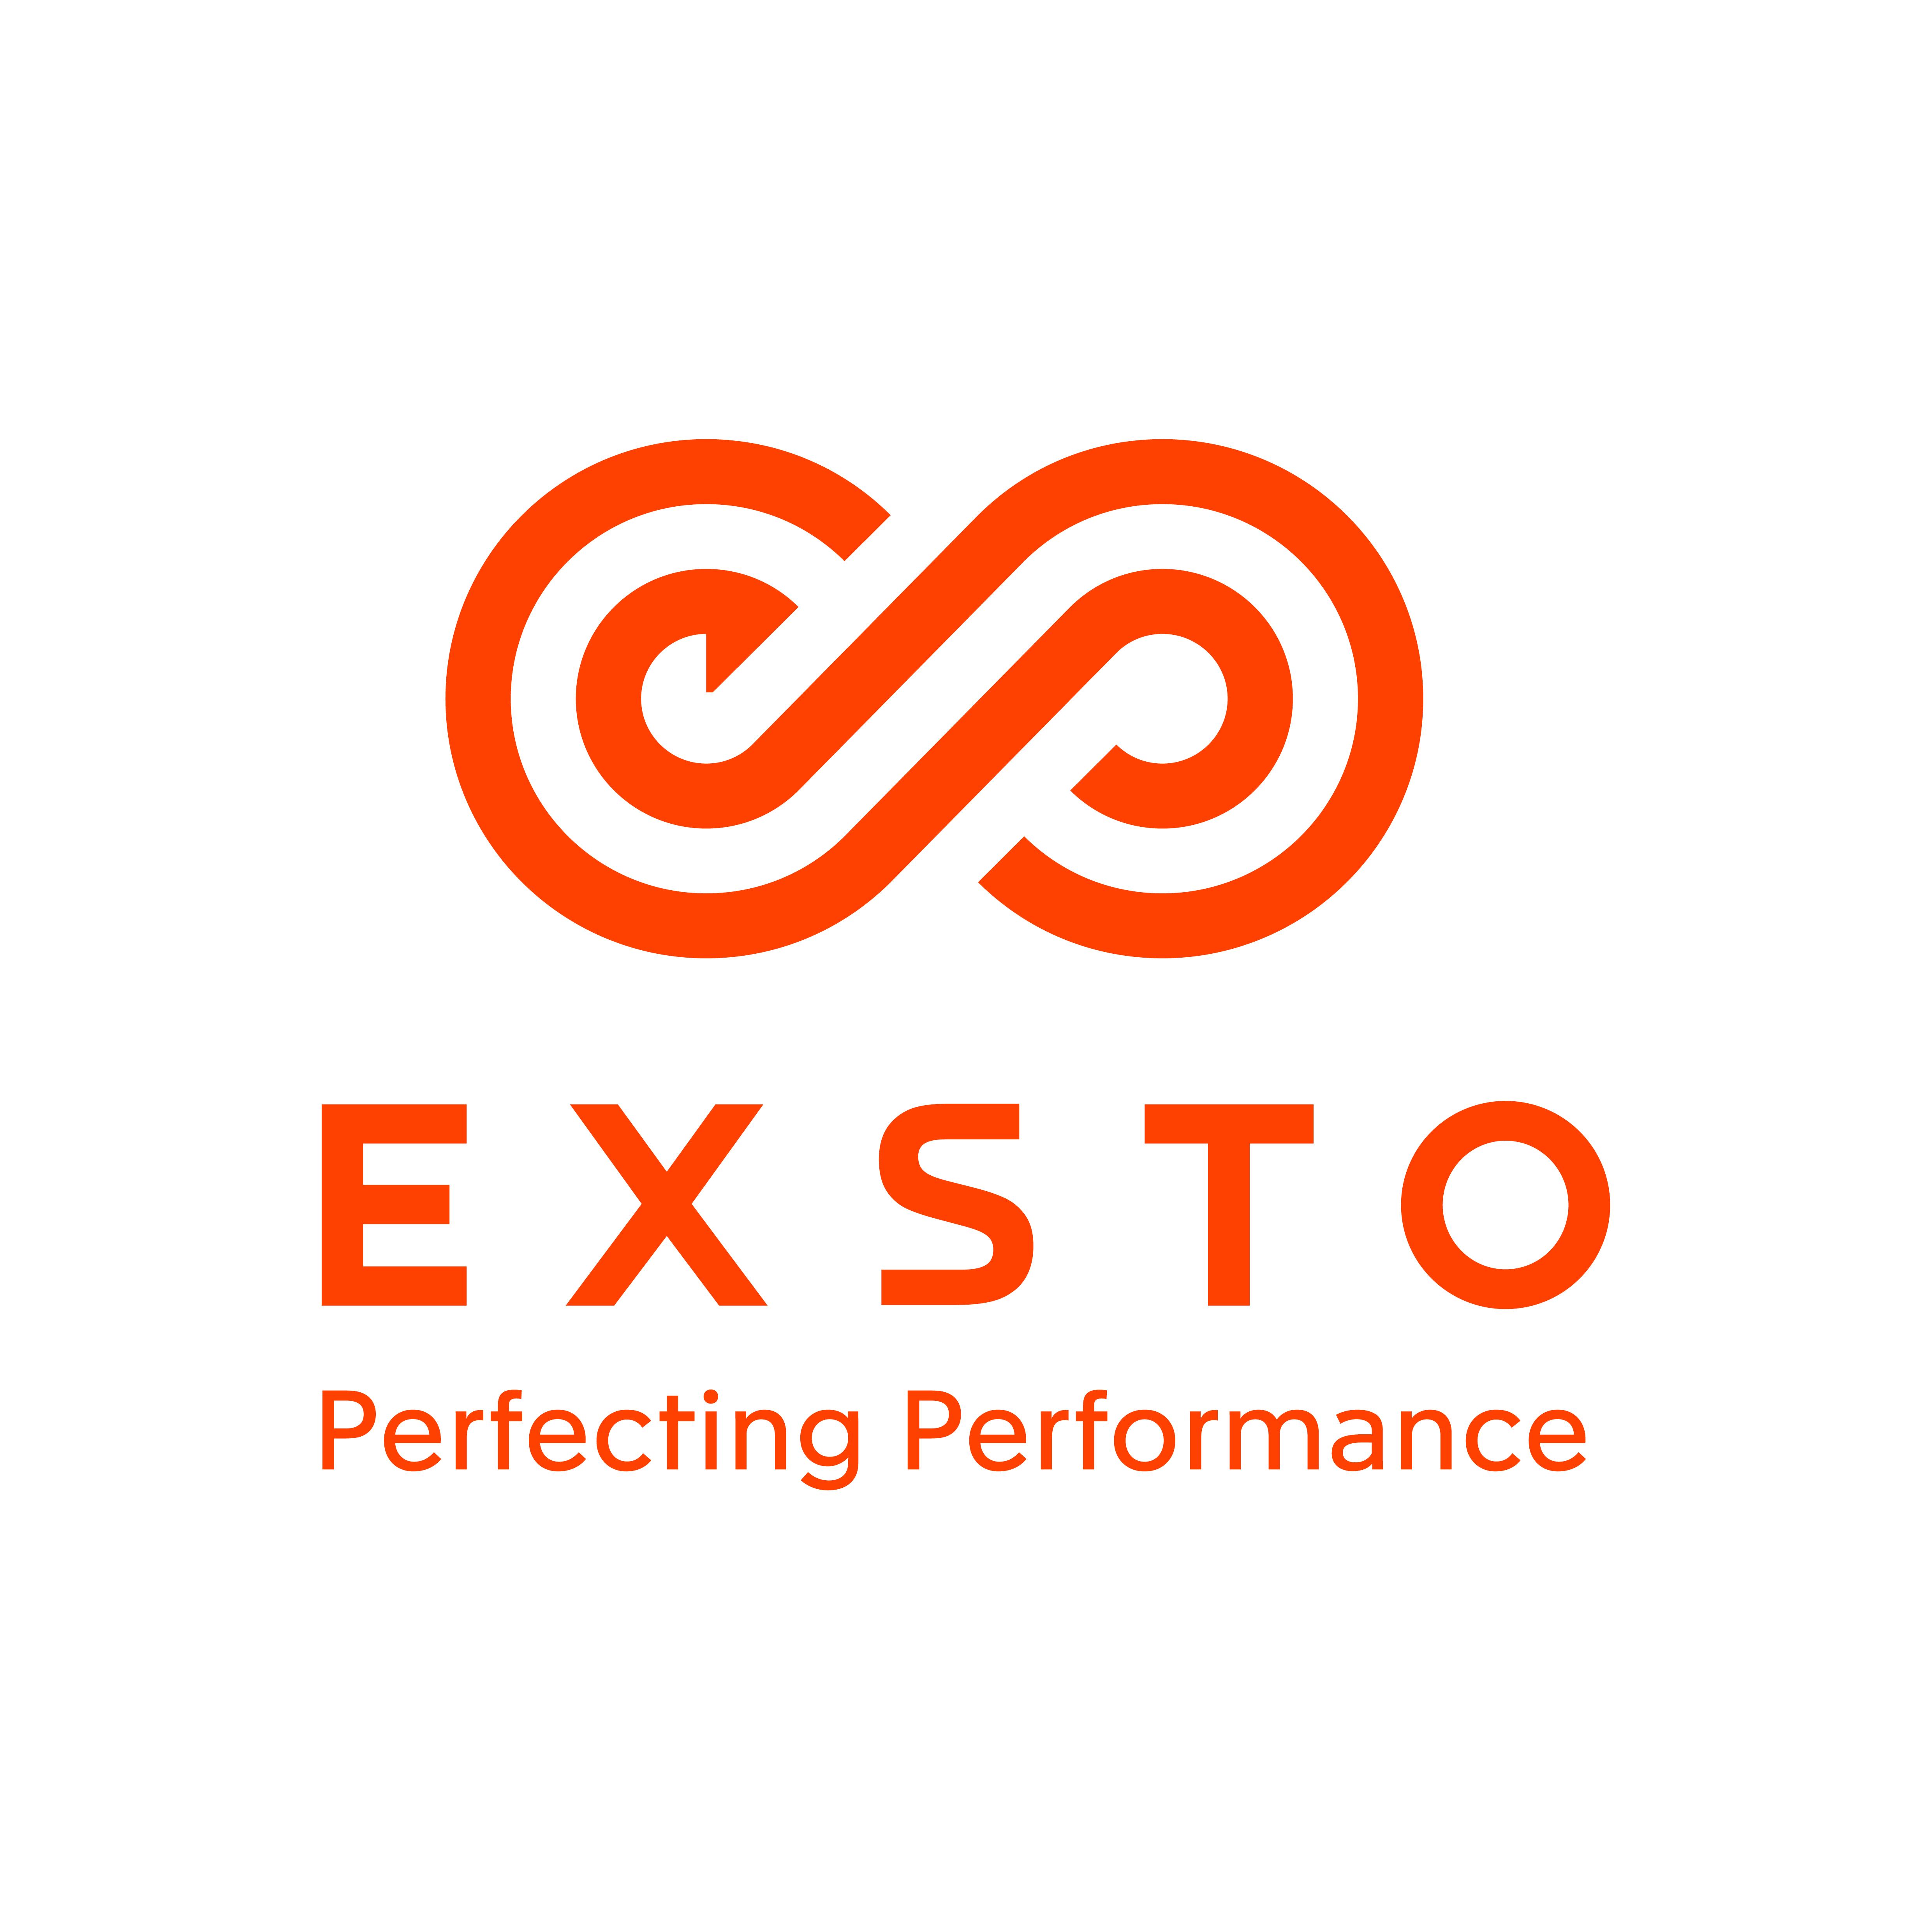 EXSTO